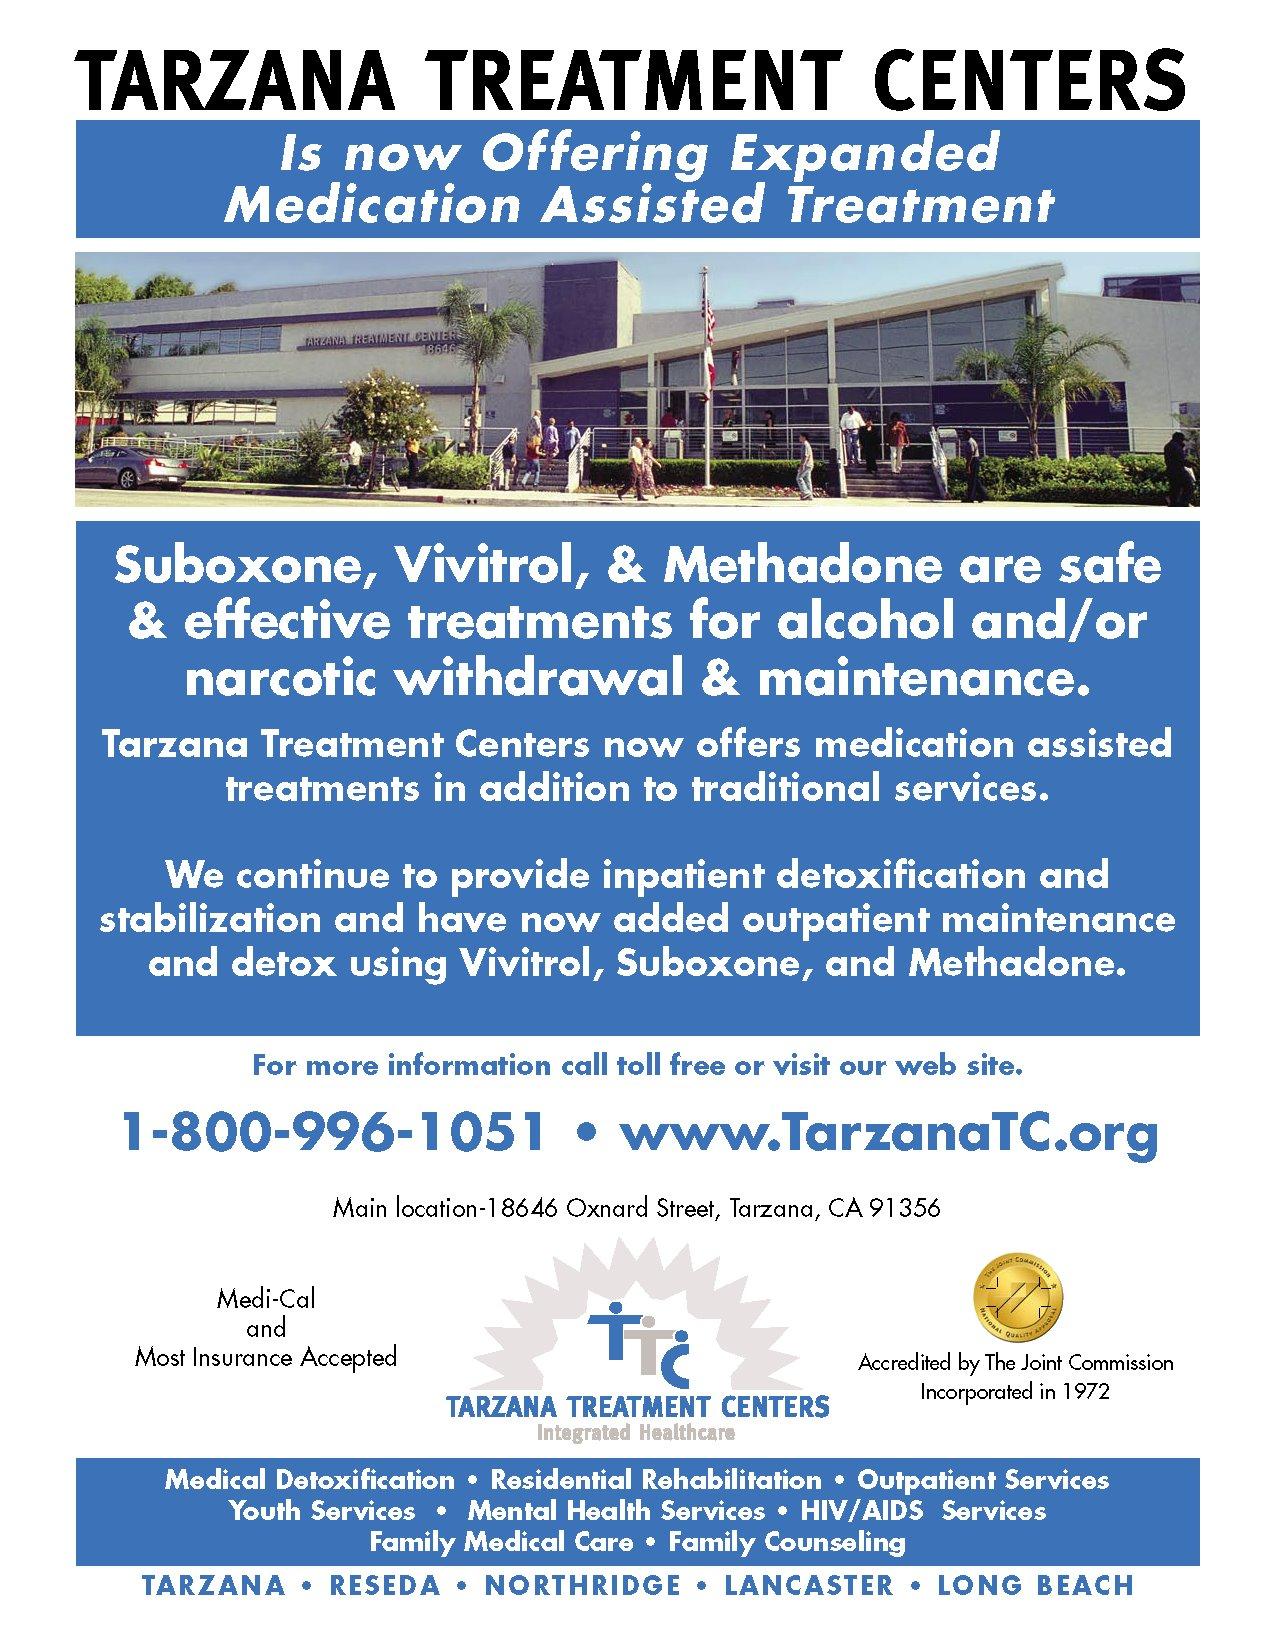 Tarzana Treatment Centers Medication Assisted Treatment